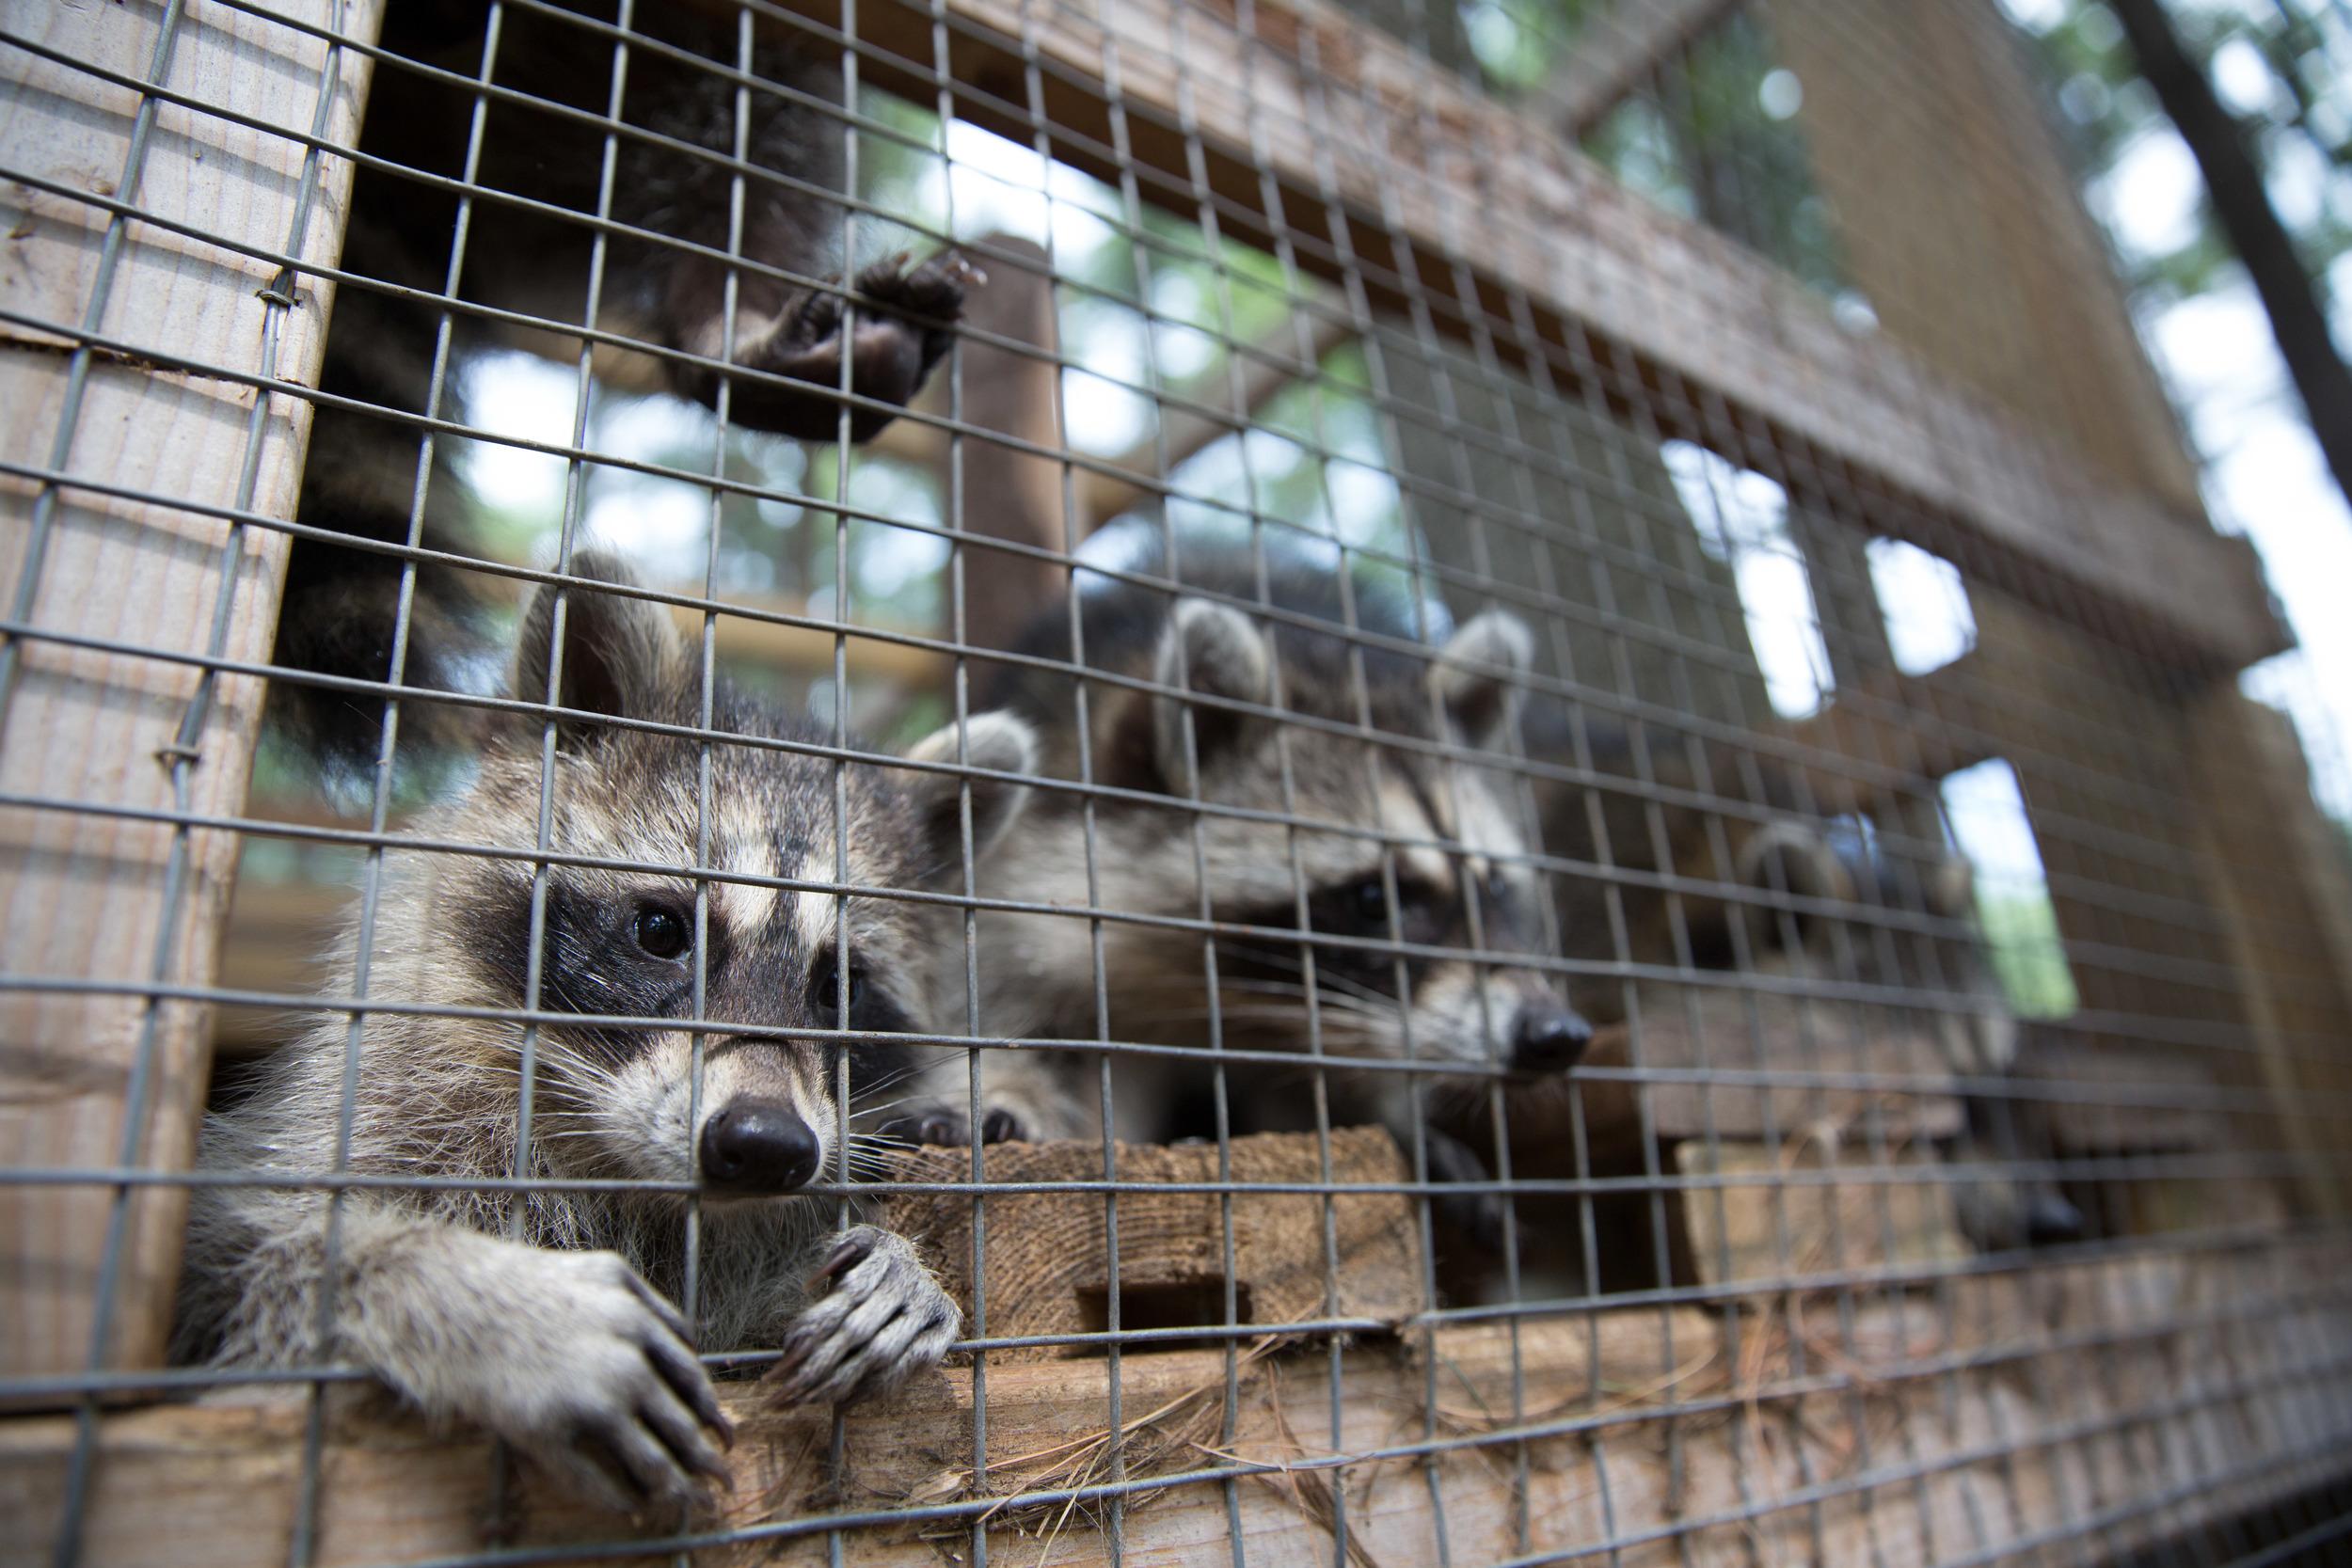 wildlife rehab19.jpg